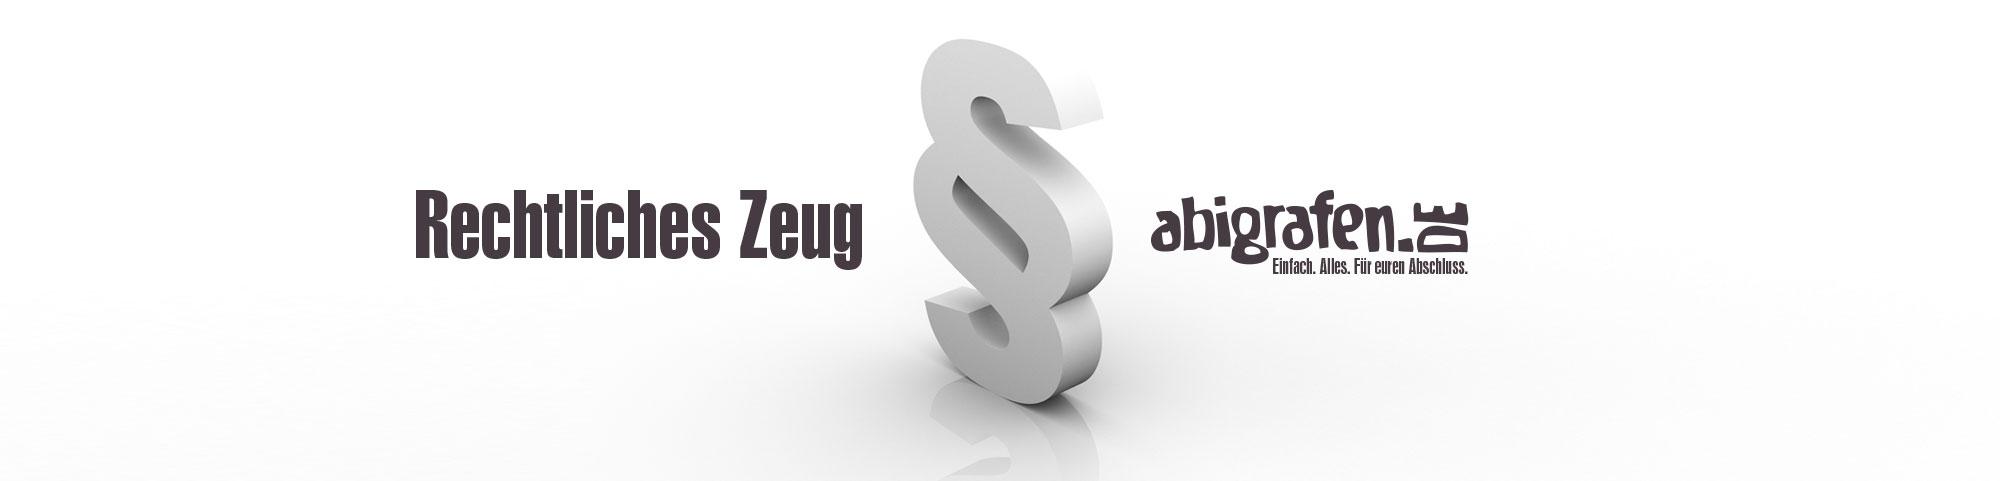 abigrafen.de GmbH - Allgemeine Geschäftsbedingungen (AGB)